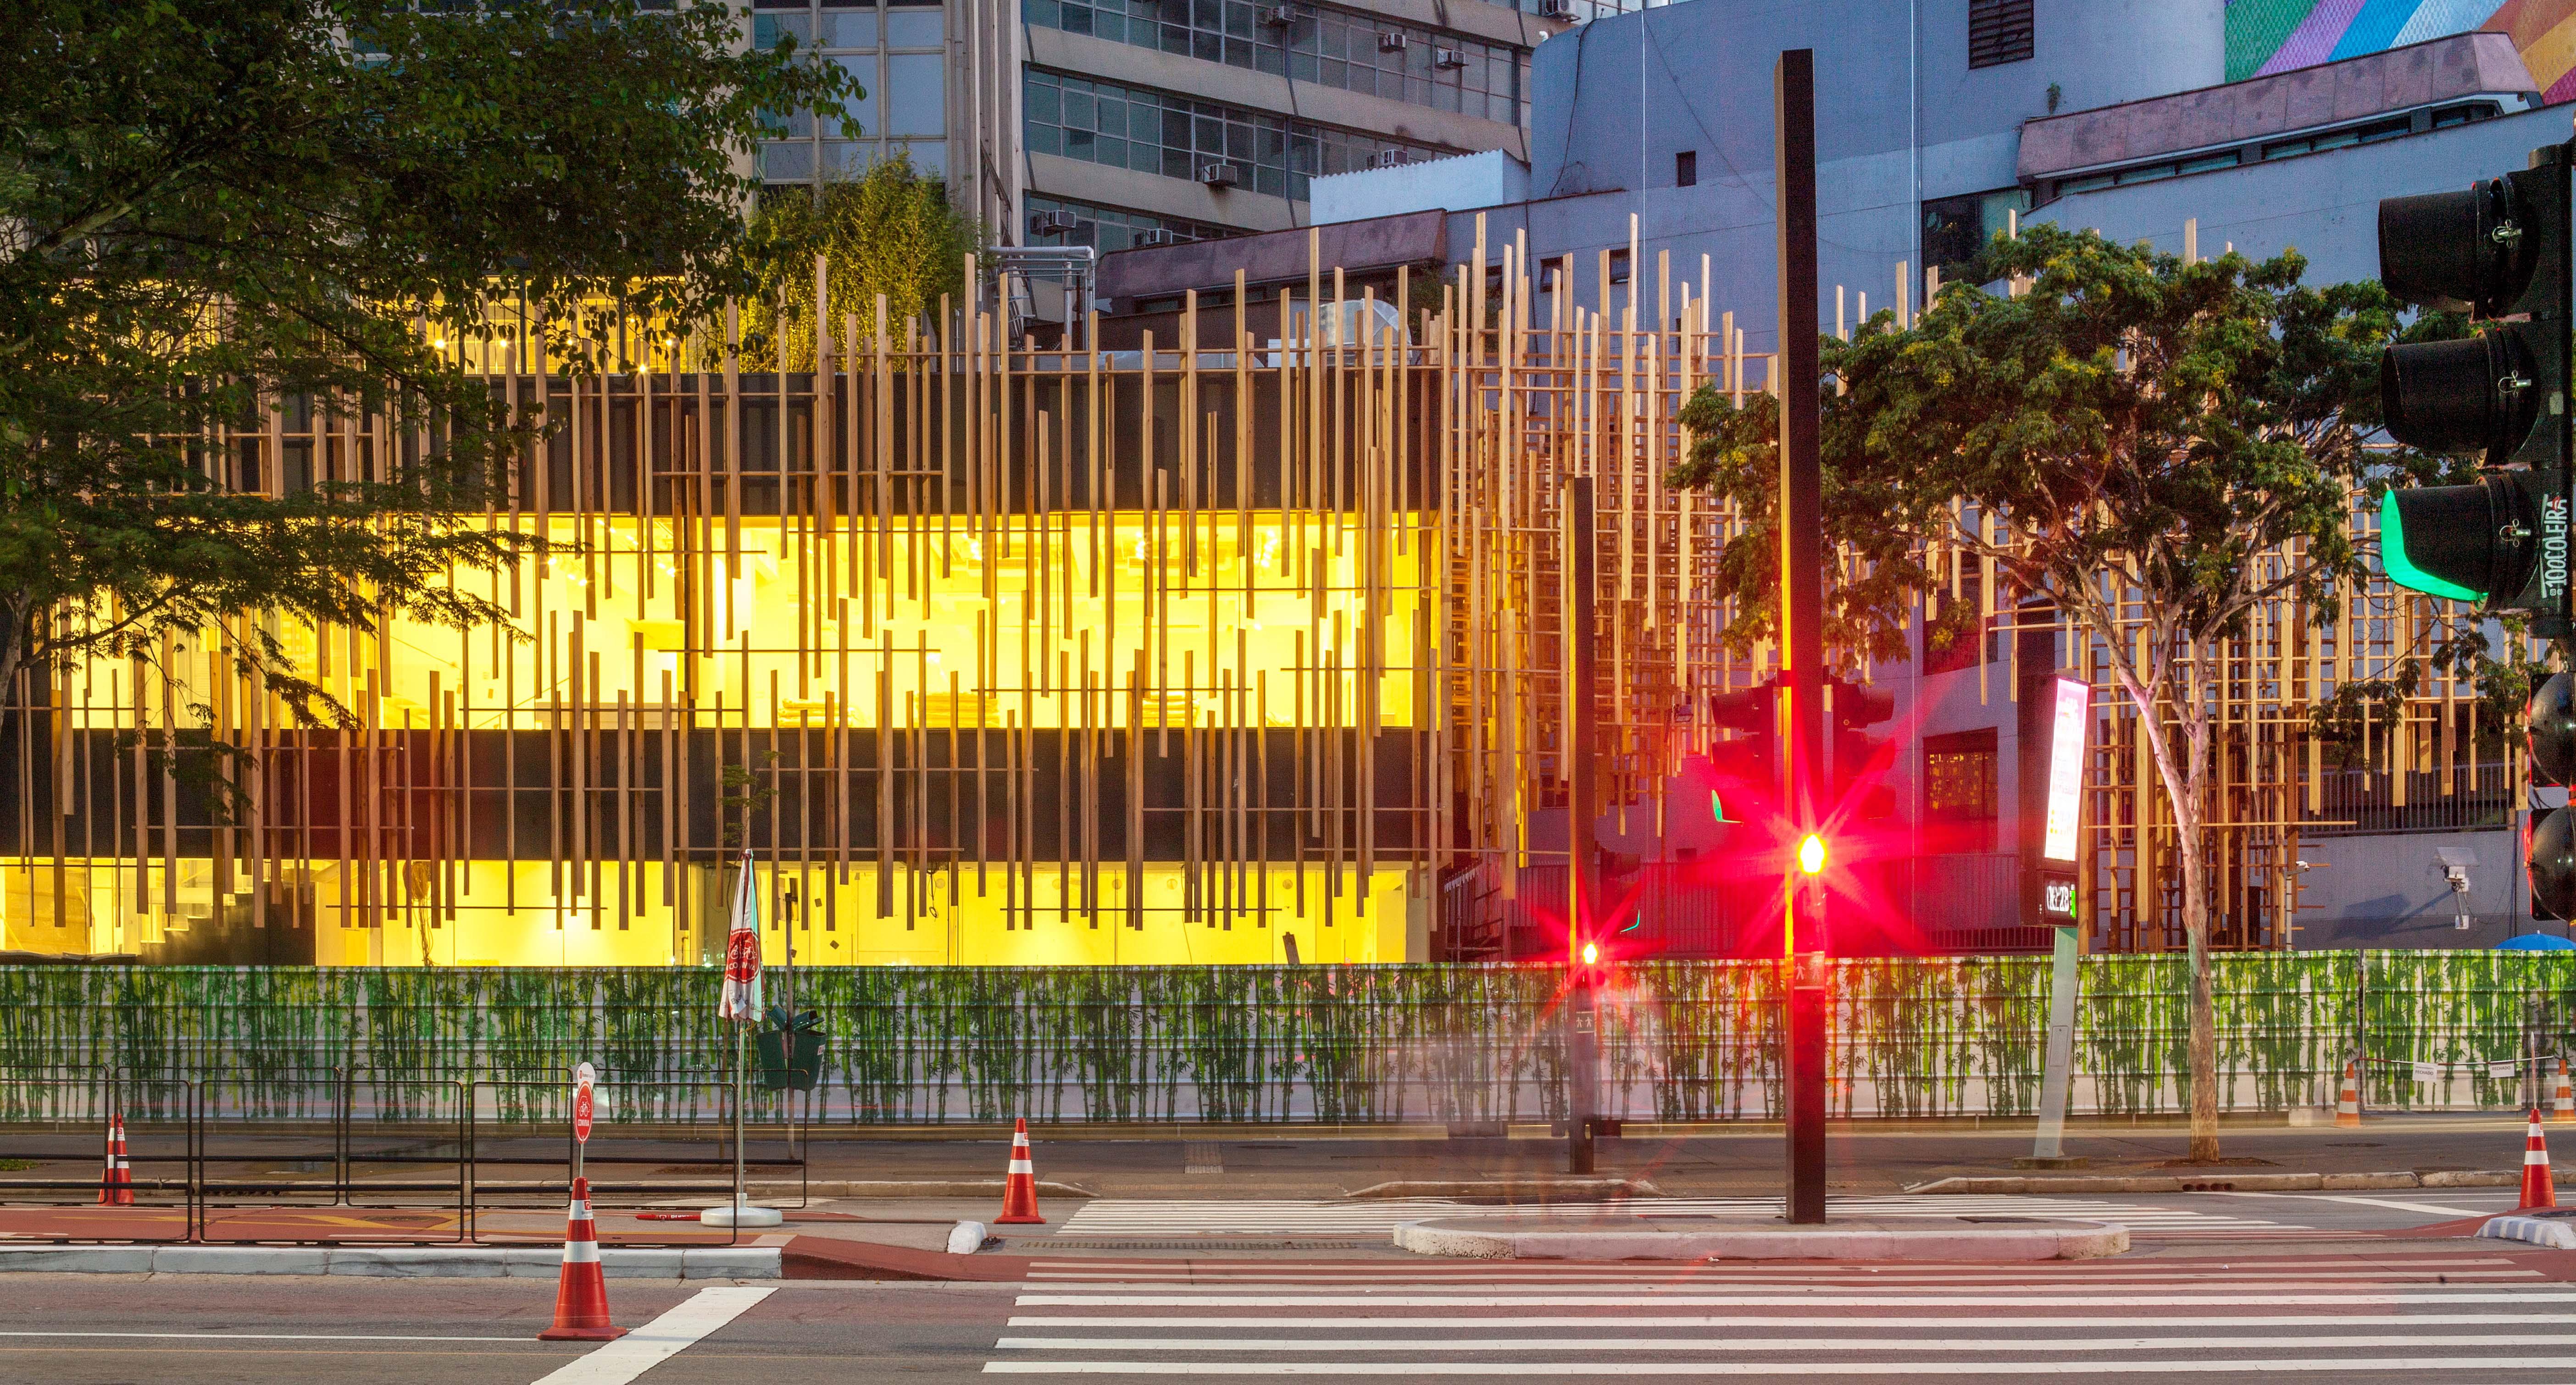 Japan House Confira Os Detalhes Da Fachada Do Edificio Casa Claudia